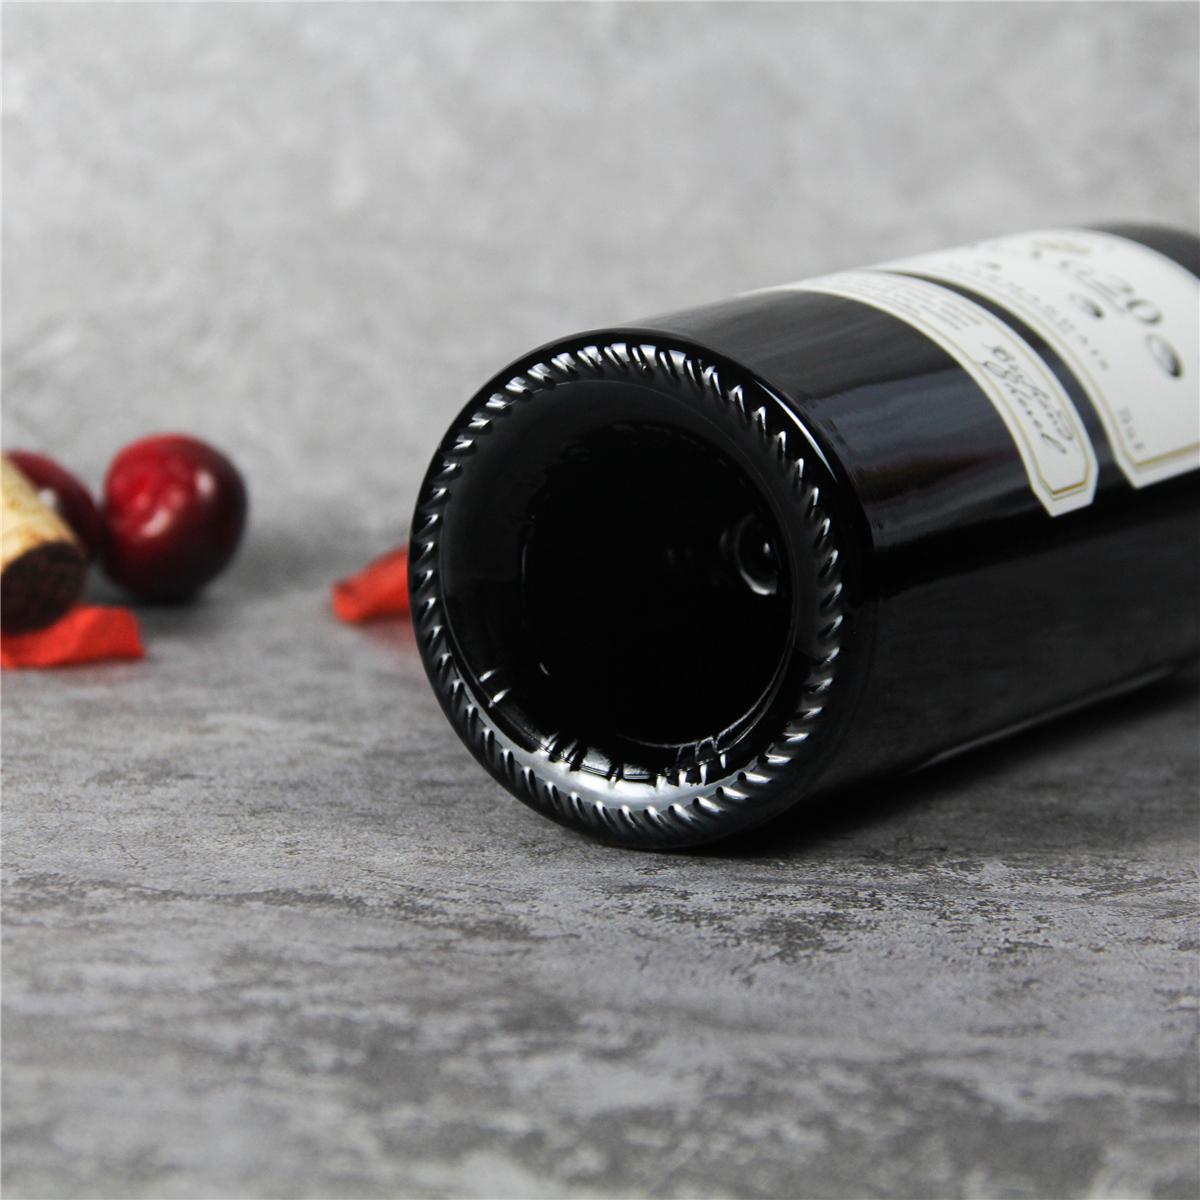 法国马芒德红葡萄酒